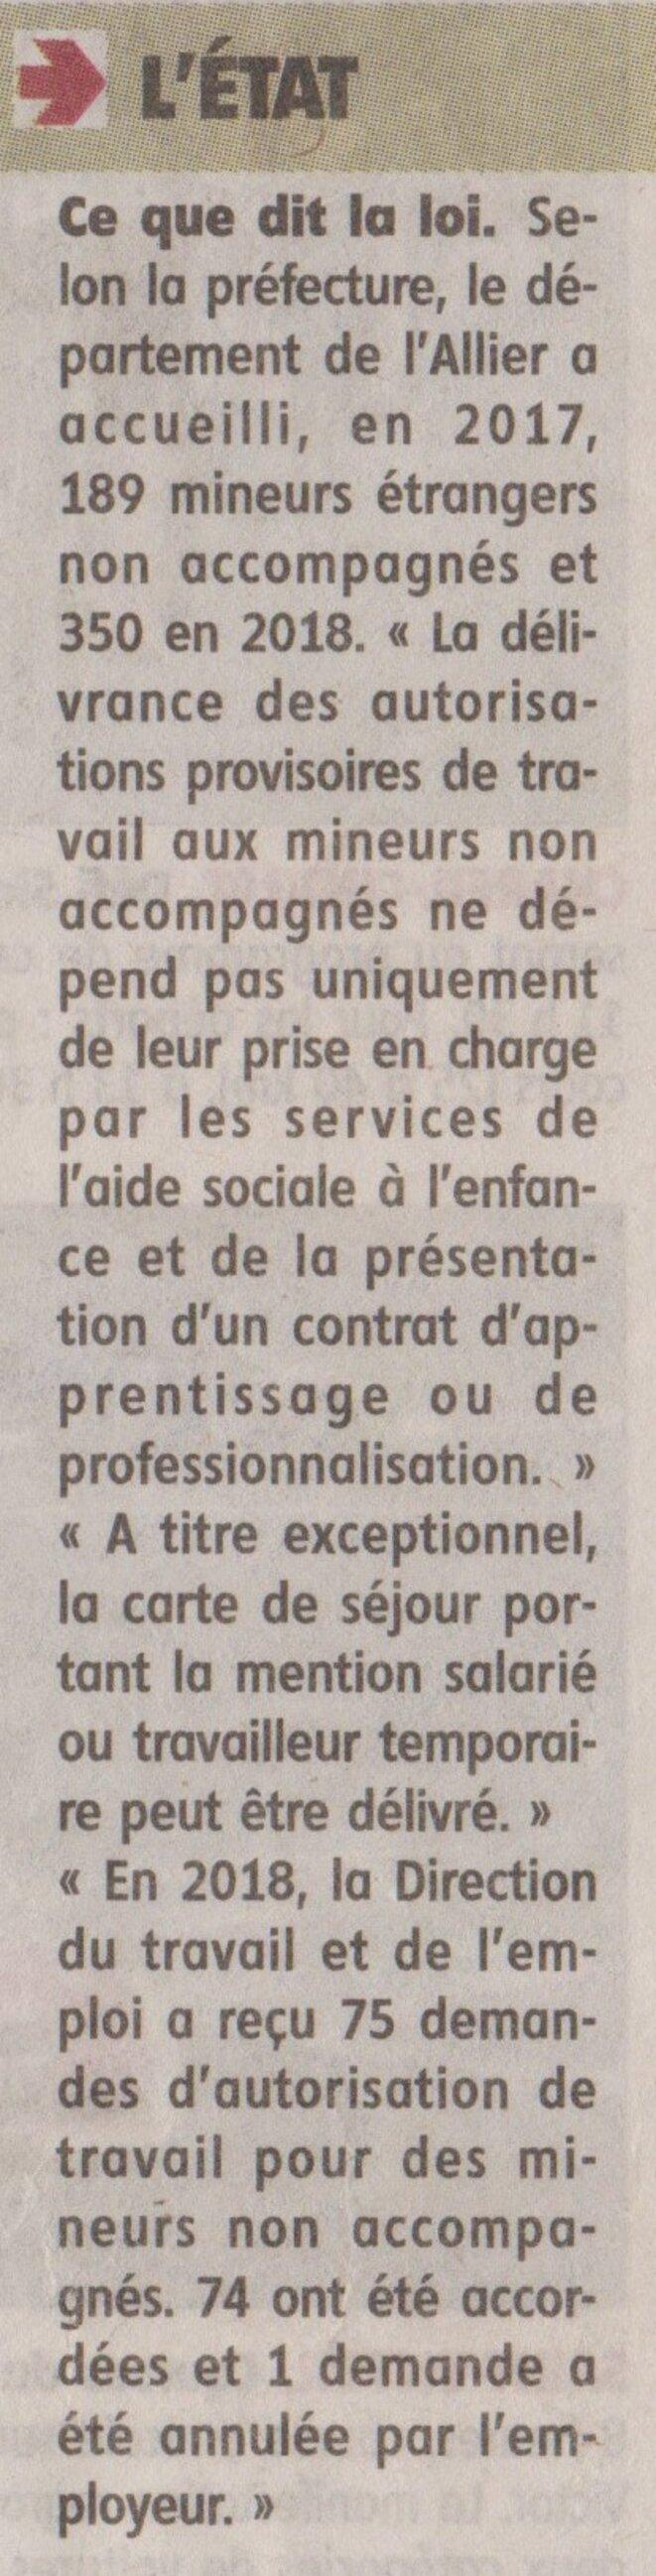 """""""La loi [et les faits] selon la préfecture."""" © La Montagne (édition papier du 11.05.19)"""